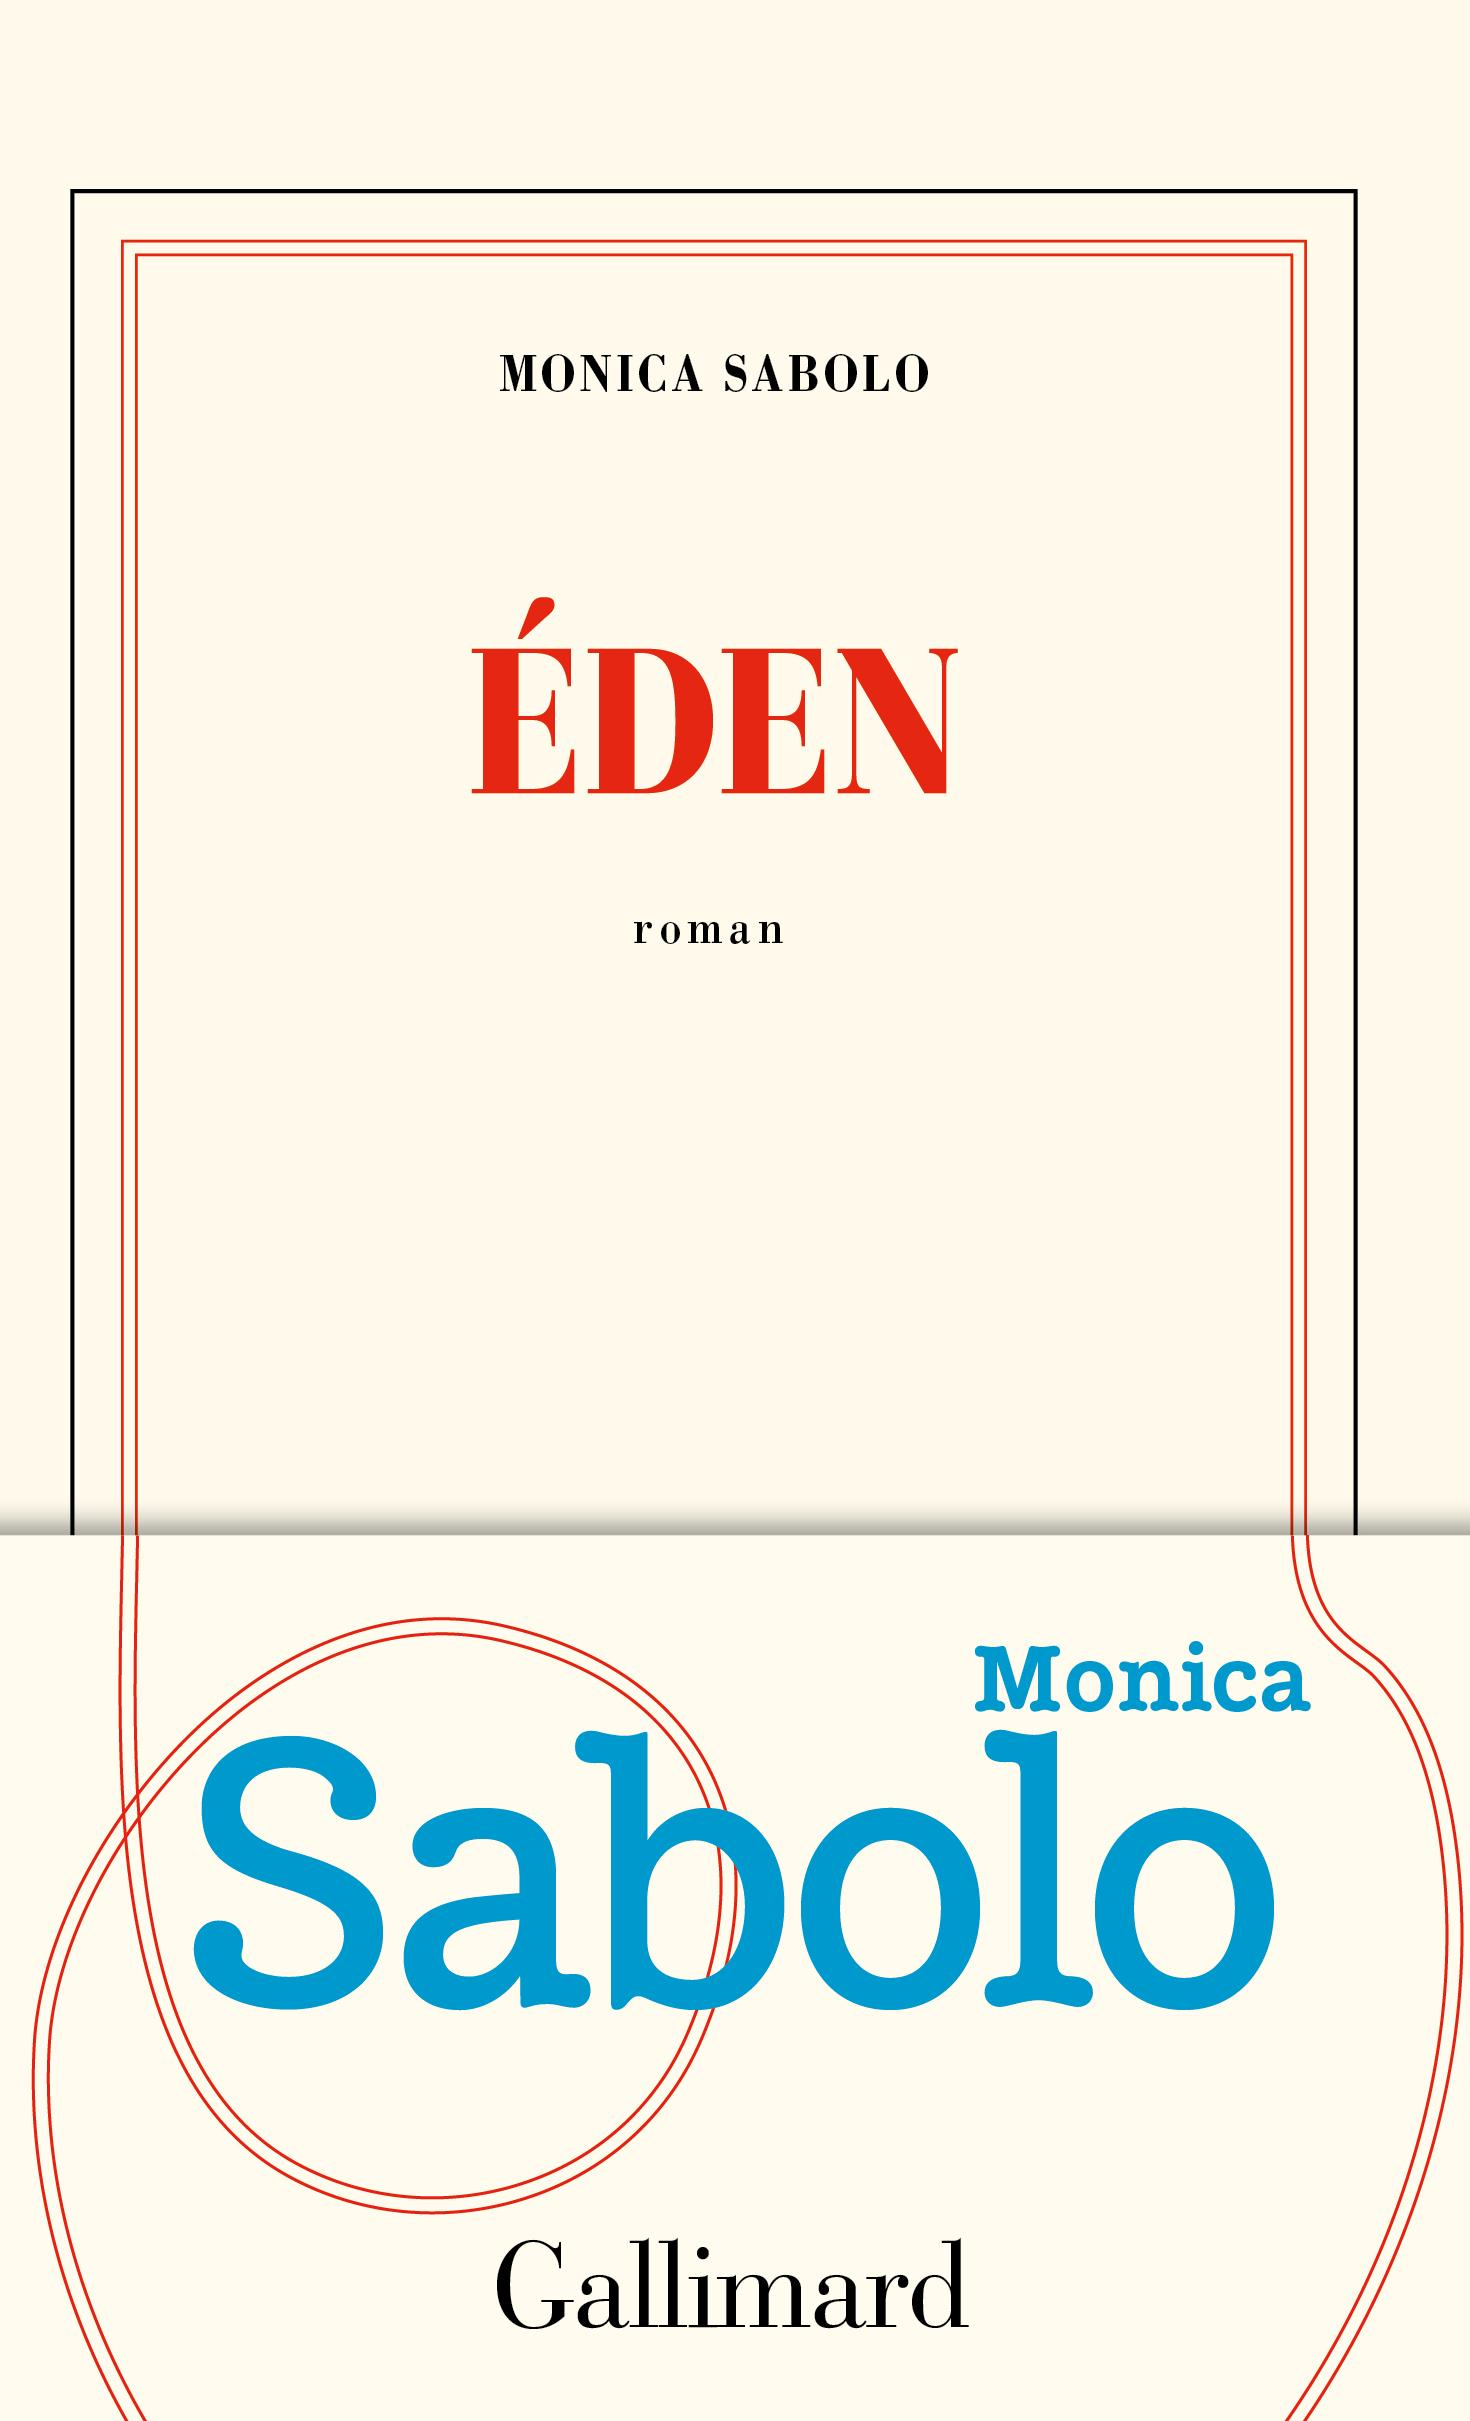 Couverture du roman de Monica SABOLO - Eden